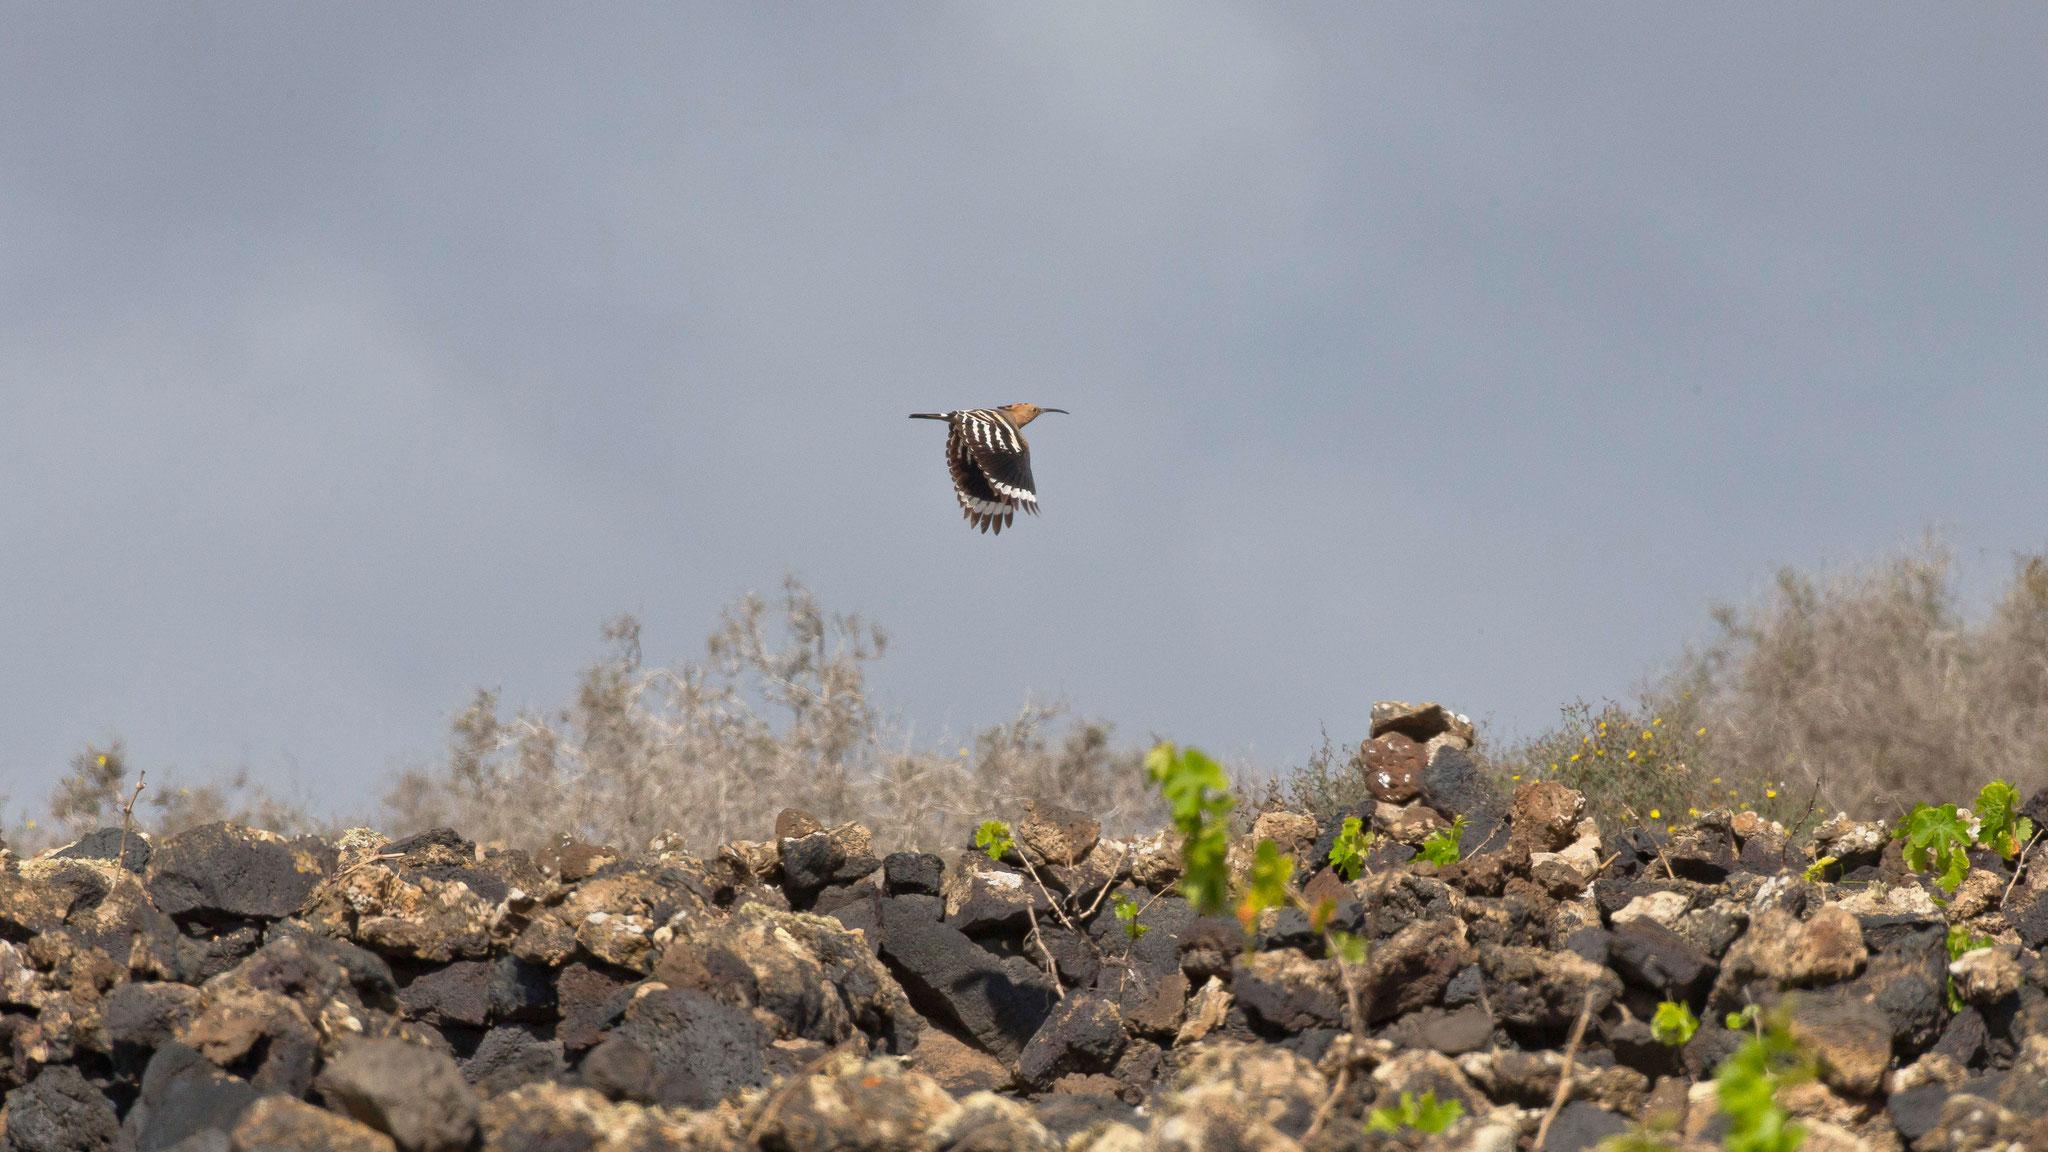 ... und im angrenzenden Weingarten brütet ein Wiedehopfpaar, das regelmässige Fütterungsflüge macht